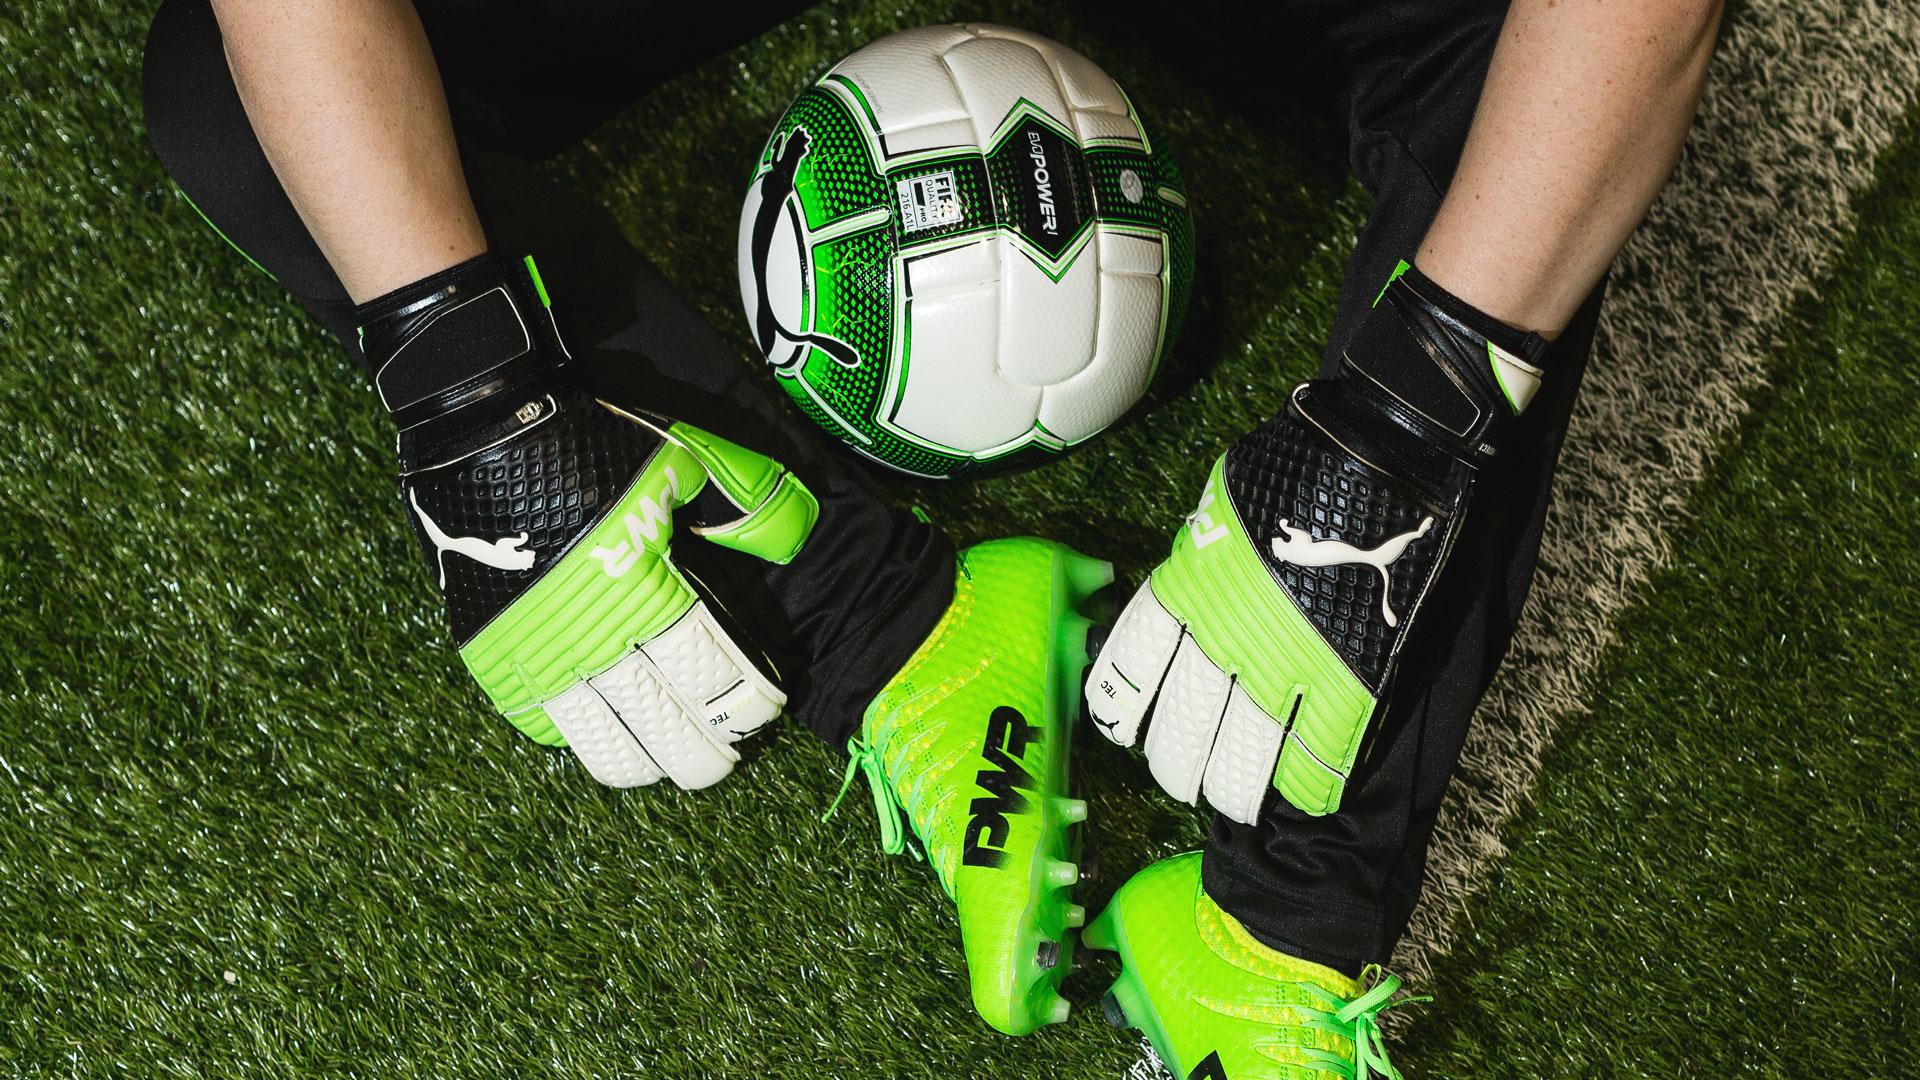 Lợi ích khi sử dụng găng tay thủ môn